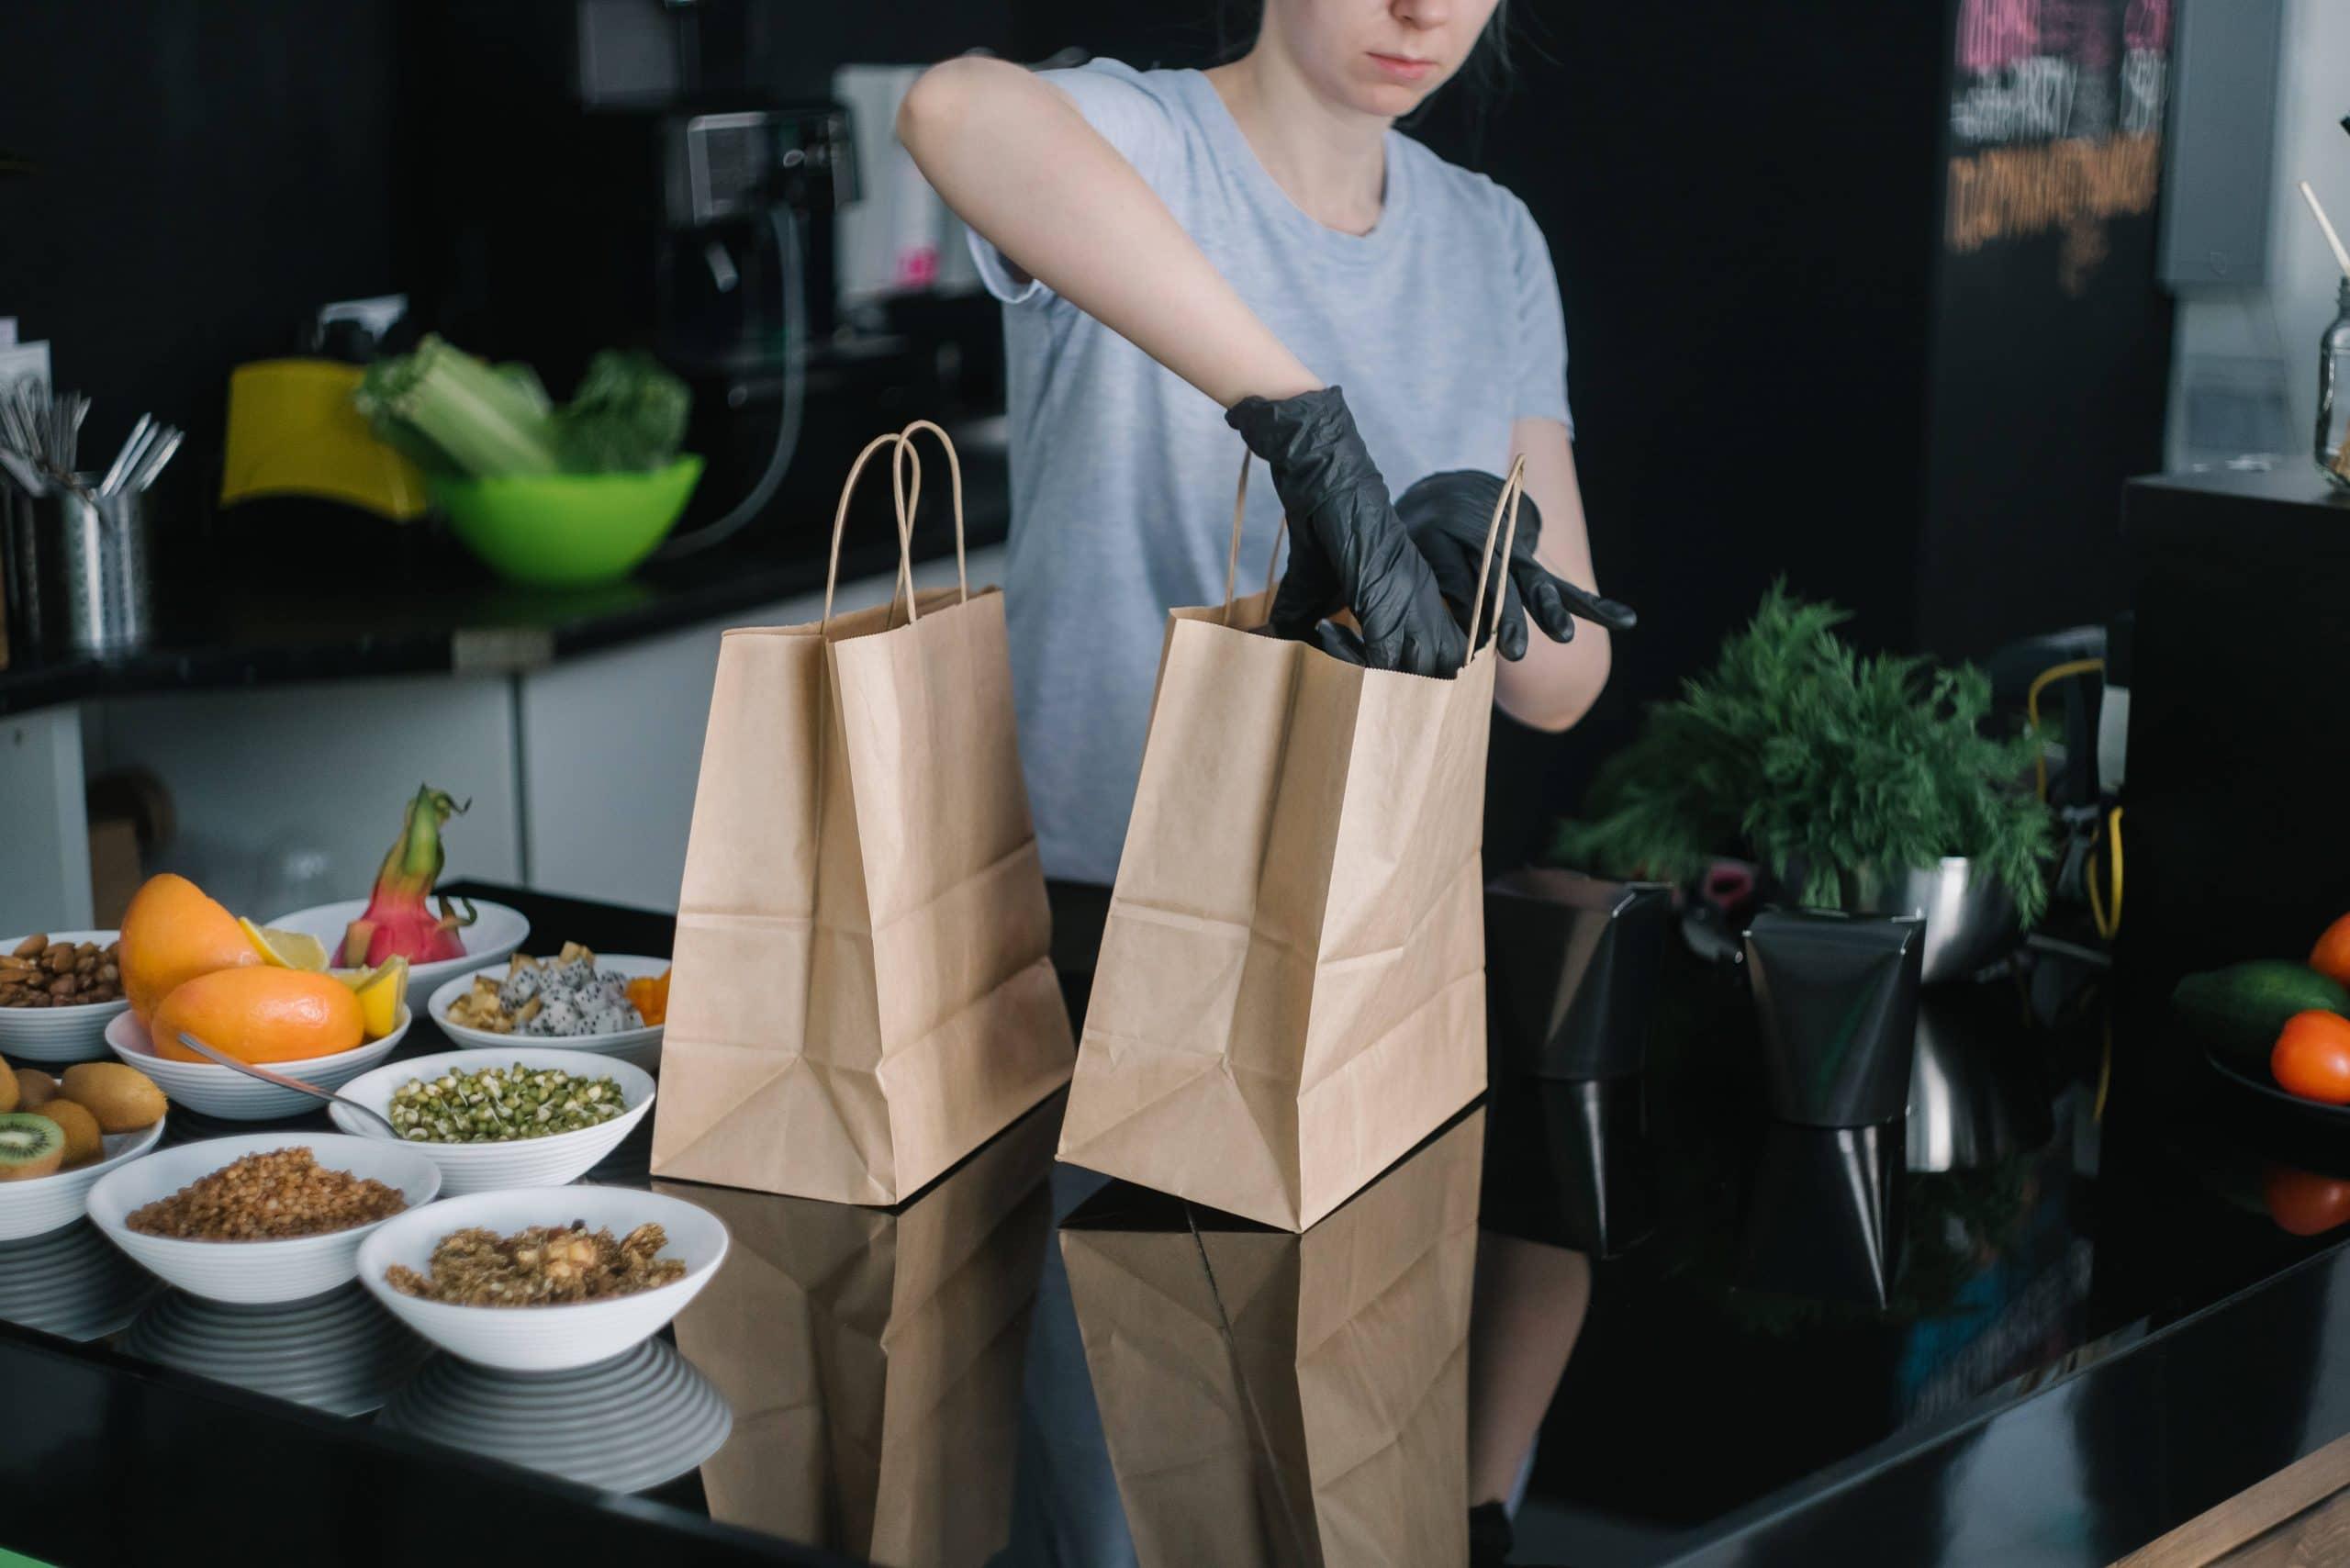 Restaurateur qui prépare des repas à emporter